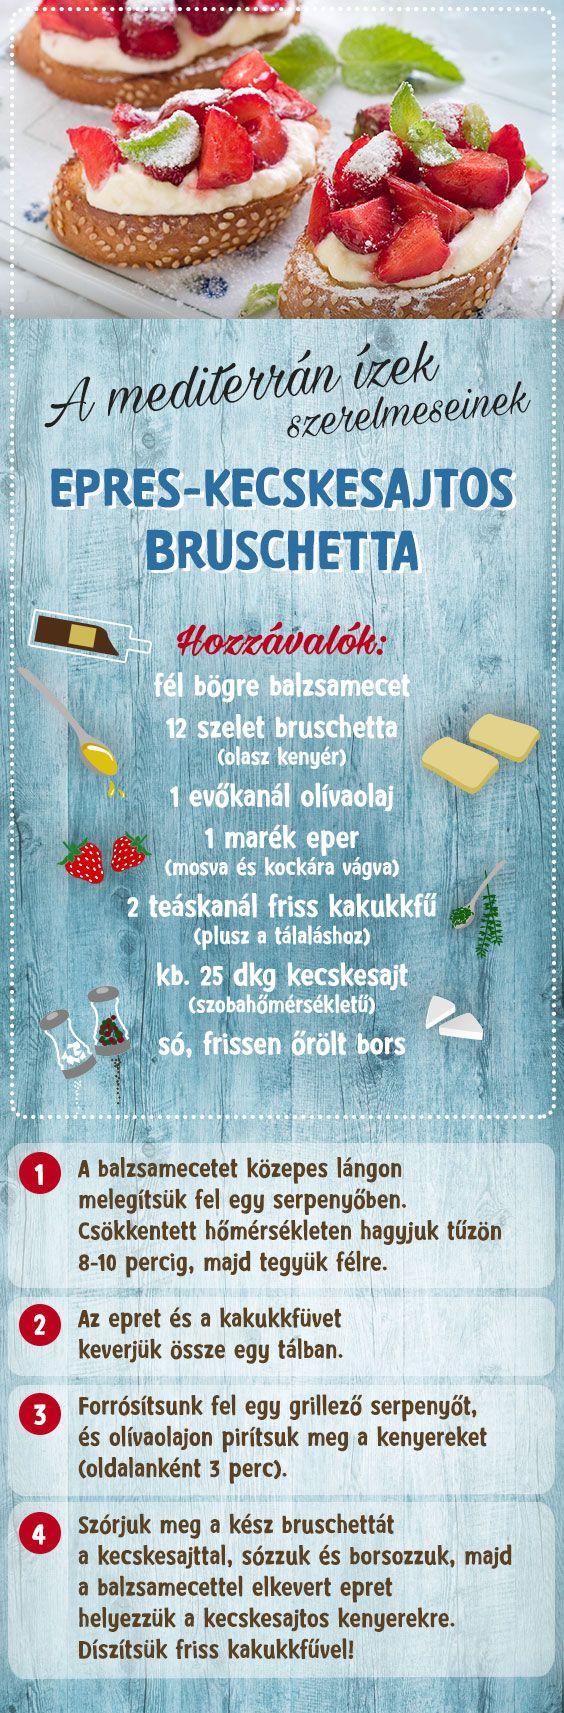 Te is a mediterrán ízek szerelmese vagy? Itt az eperszezon, készítsd el ezt a csodás epres-kecskesajtos bruschettát! #TescoMagyarország #mediterránételek #eper #kecskesajt #bruschetta #recept